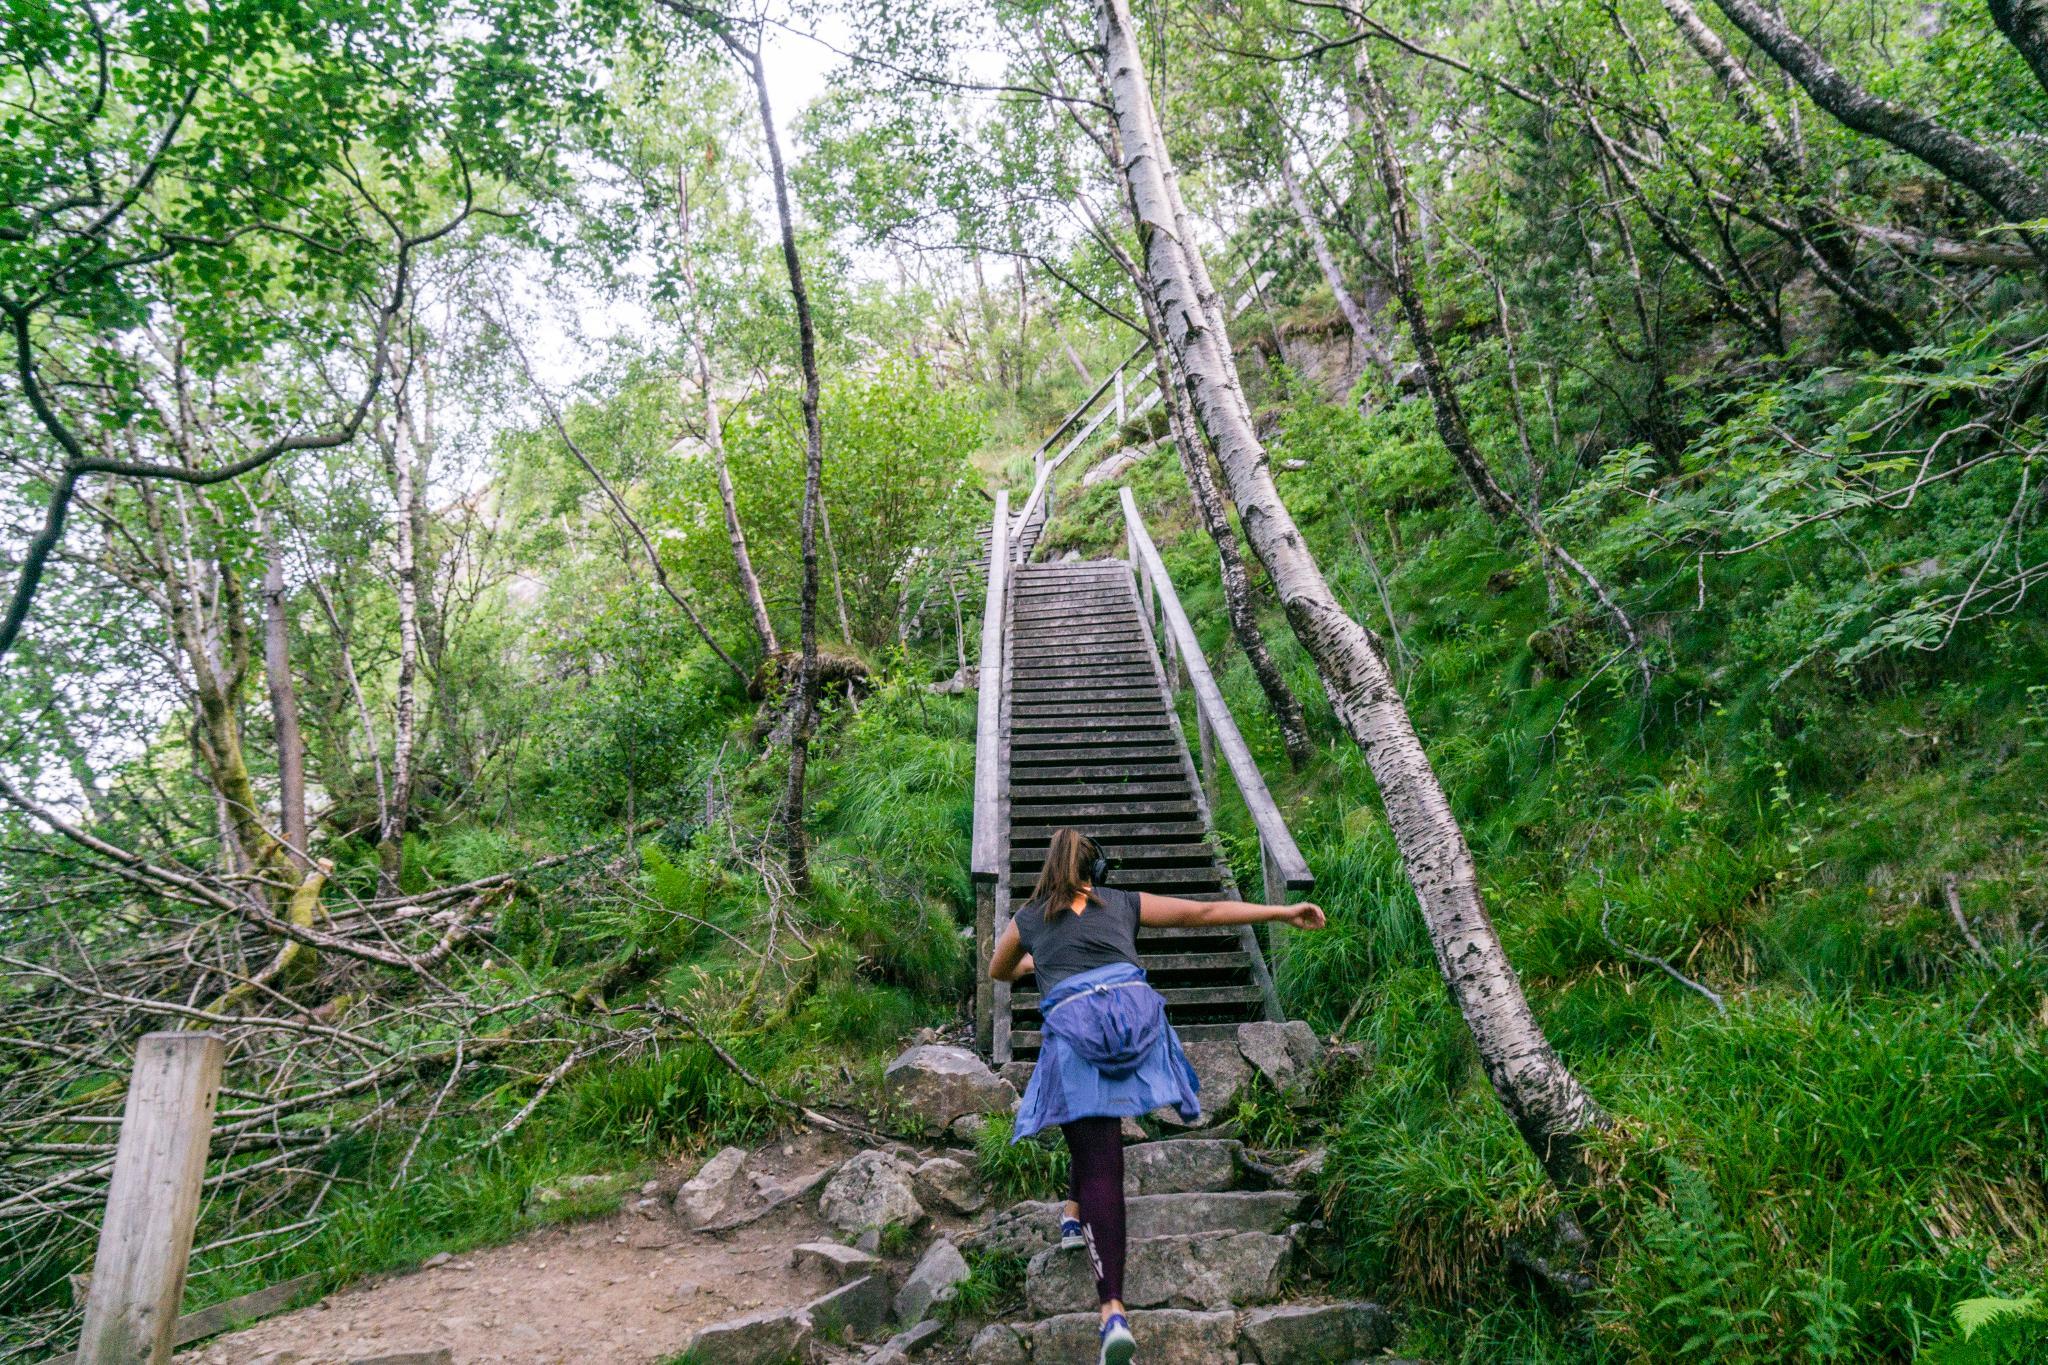 【卑爾根】超級震撼的隱藏版挪威景點 — Stoltzekleiven桑德維克斯石梯與Fløyen佛洛伊恩觀景台大縱走 8